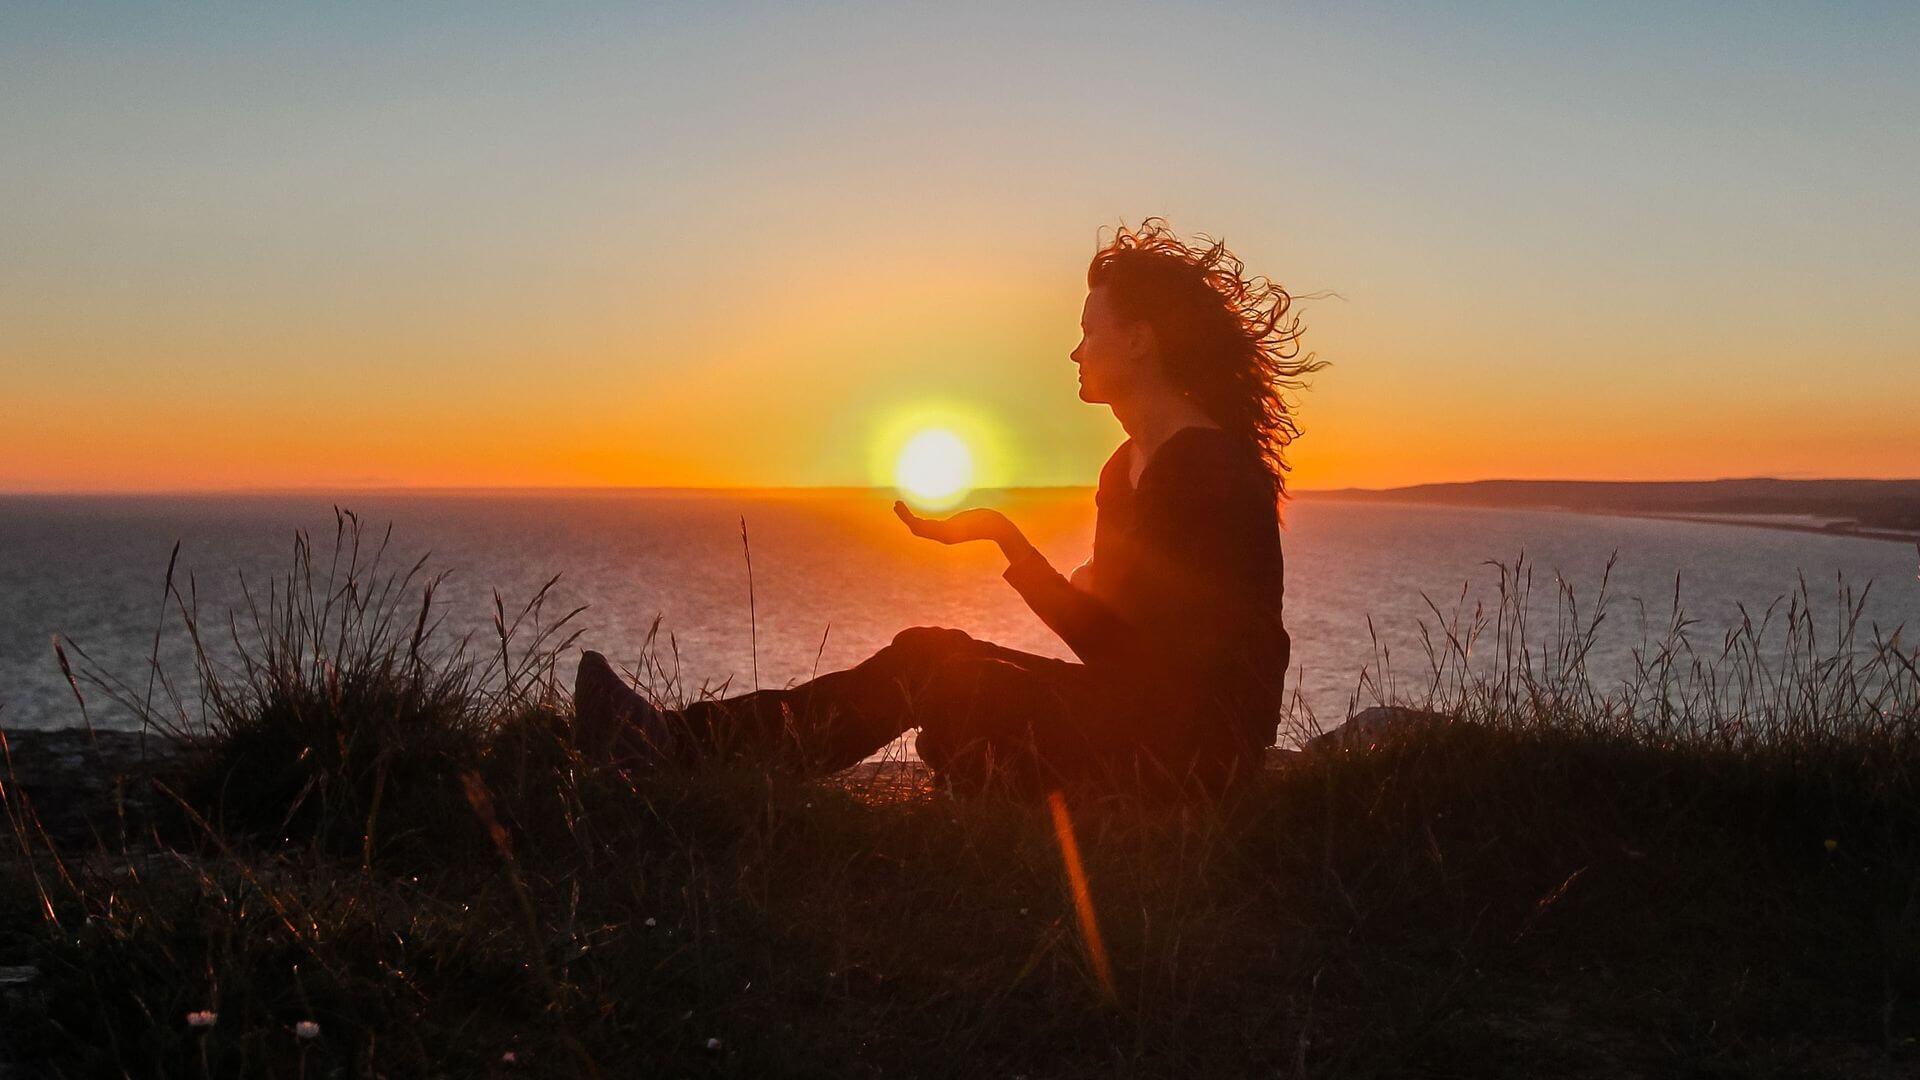 Những câu nói buồn về cuộc sống, làm động lực giúp bạn vực dậy khi khó khăn